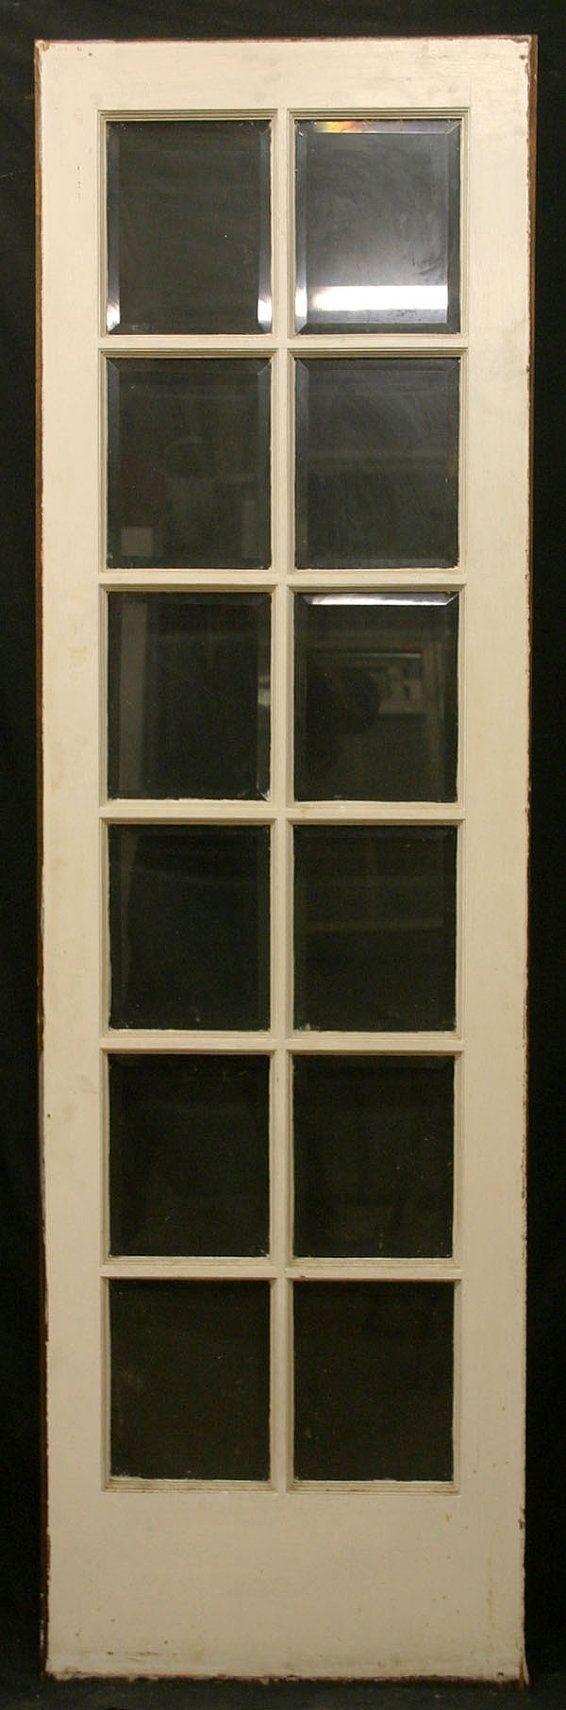 24 X 80 Exterior Door With Window | http://thefallguyediting.com ...